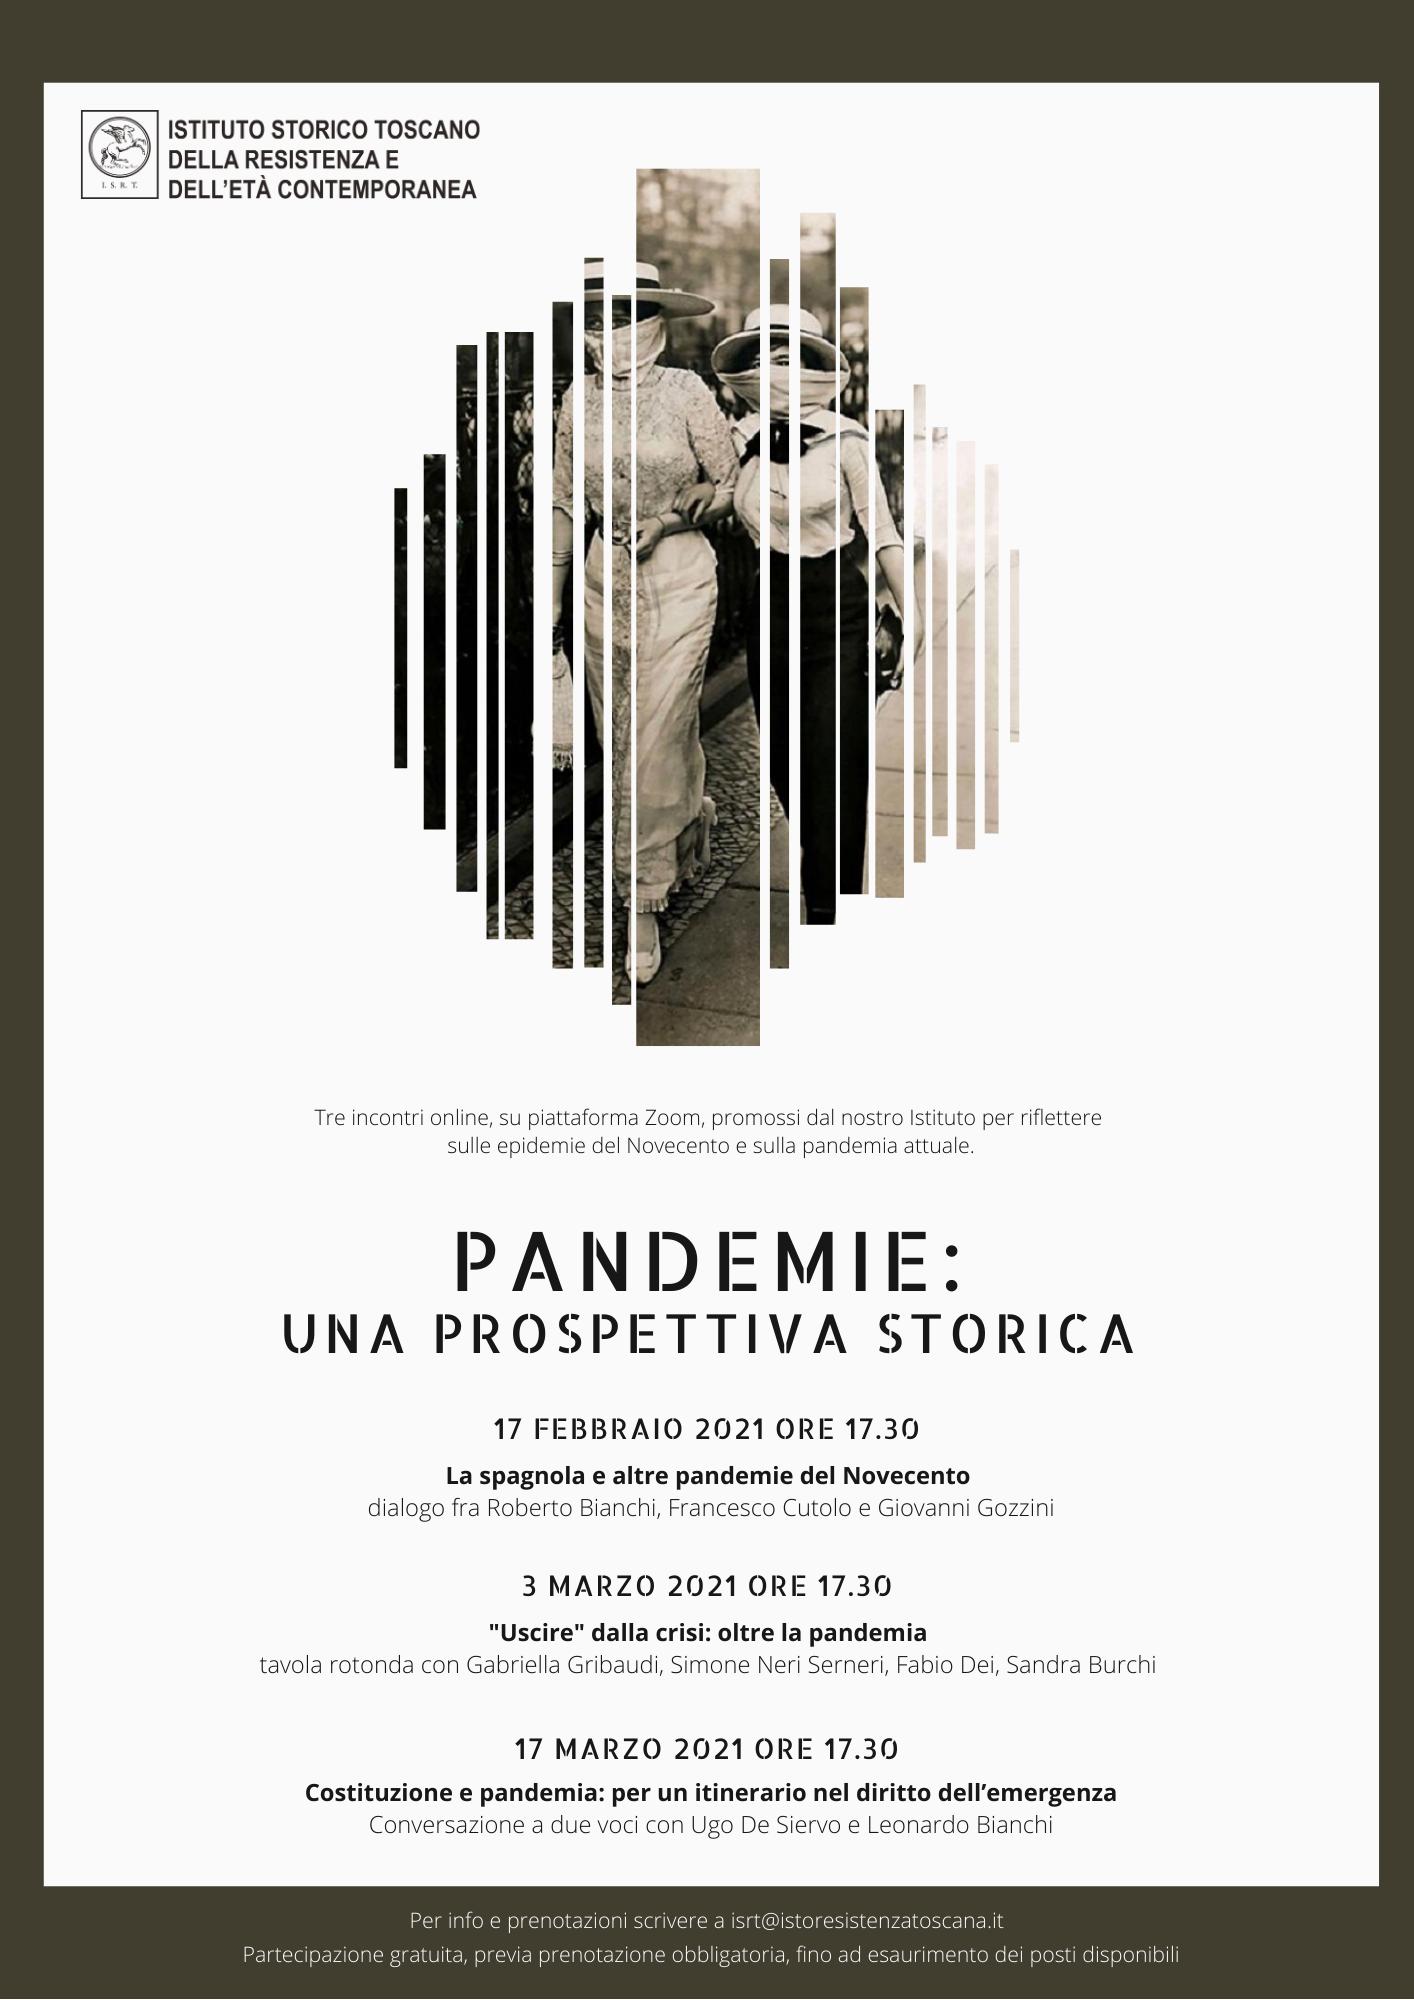 pandemie_ una prospettiva storica (2)